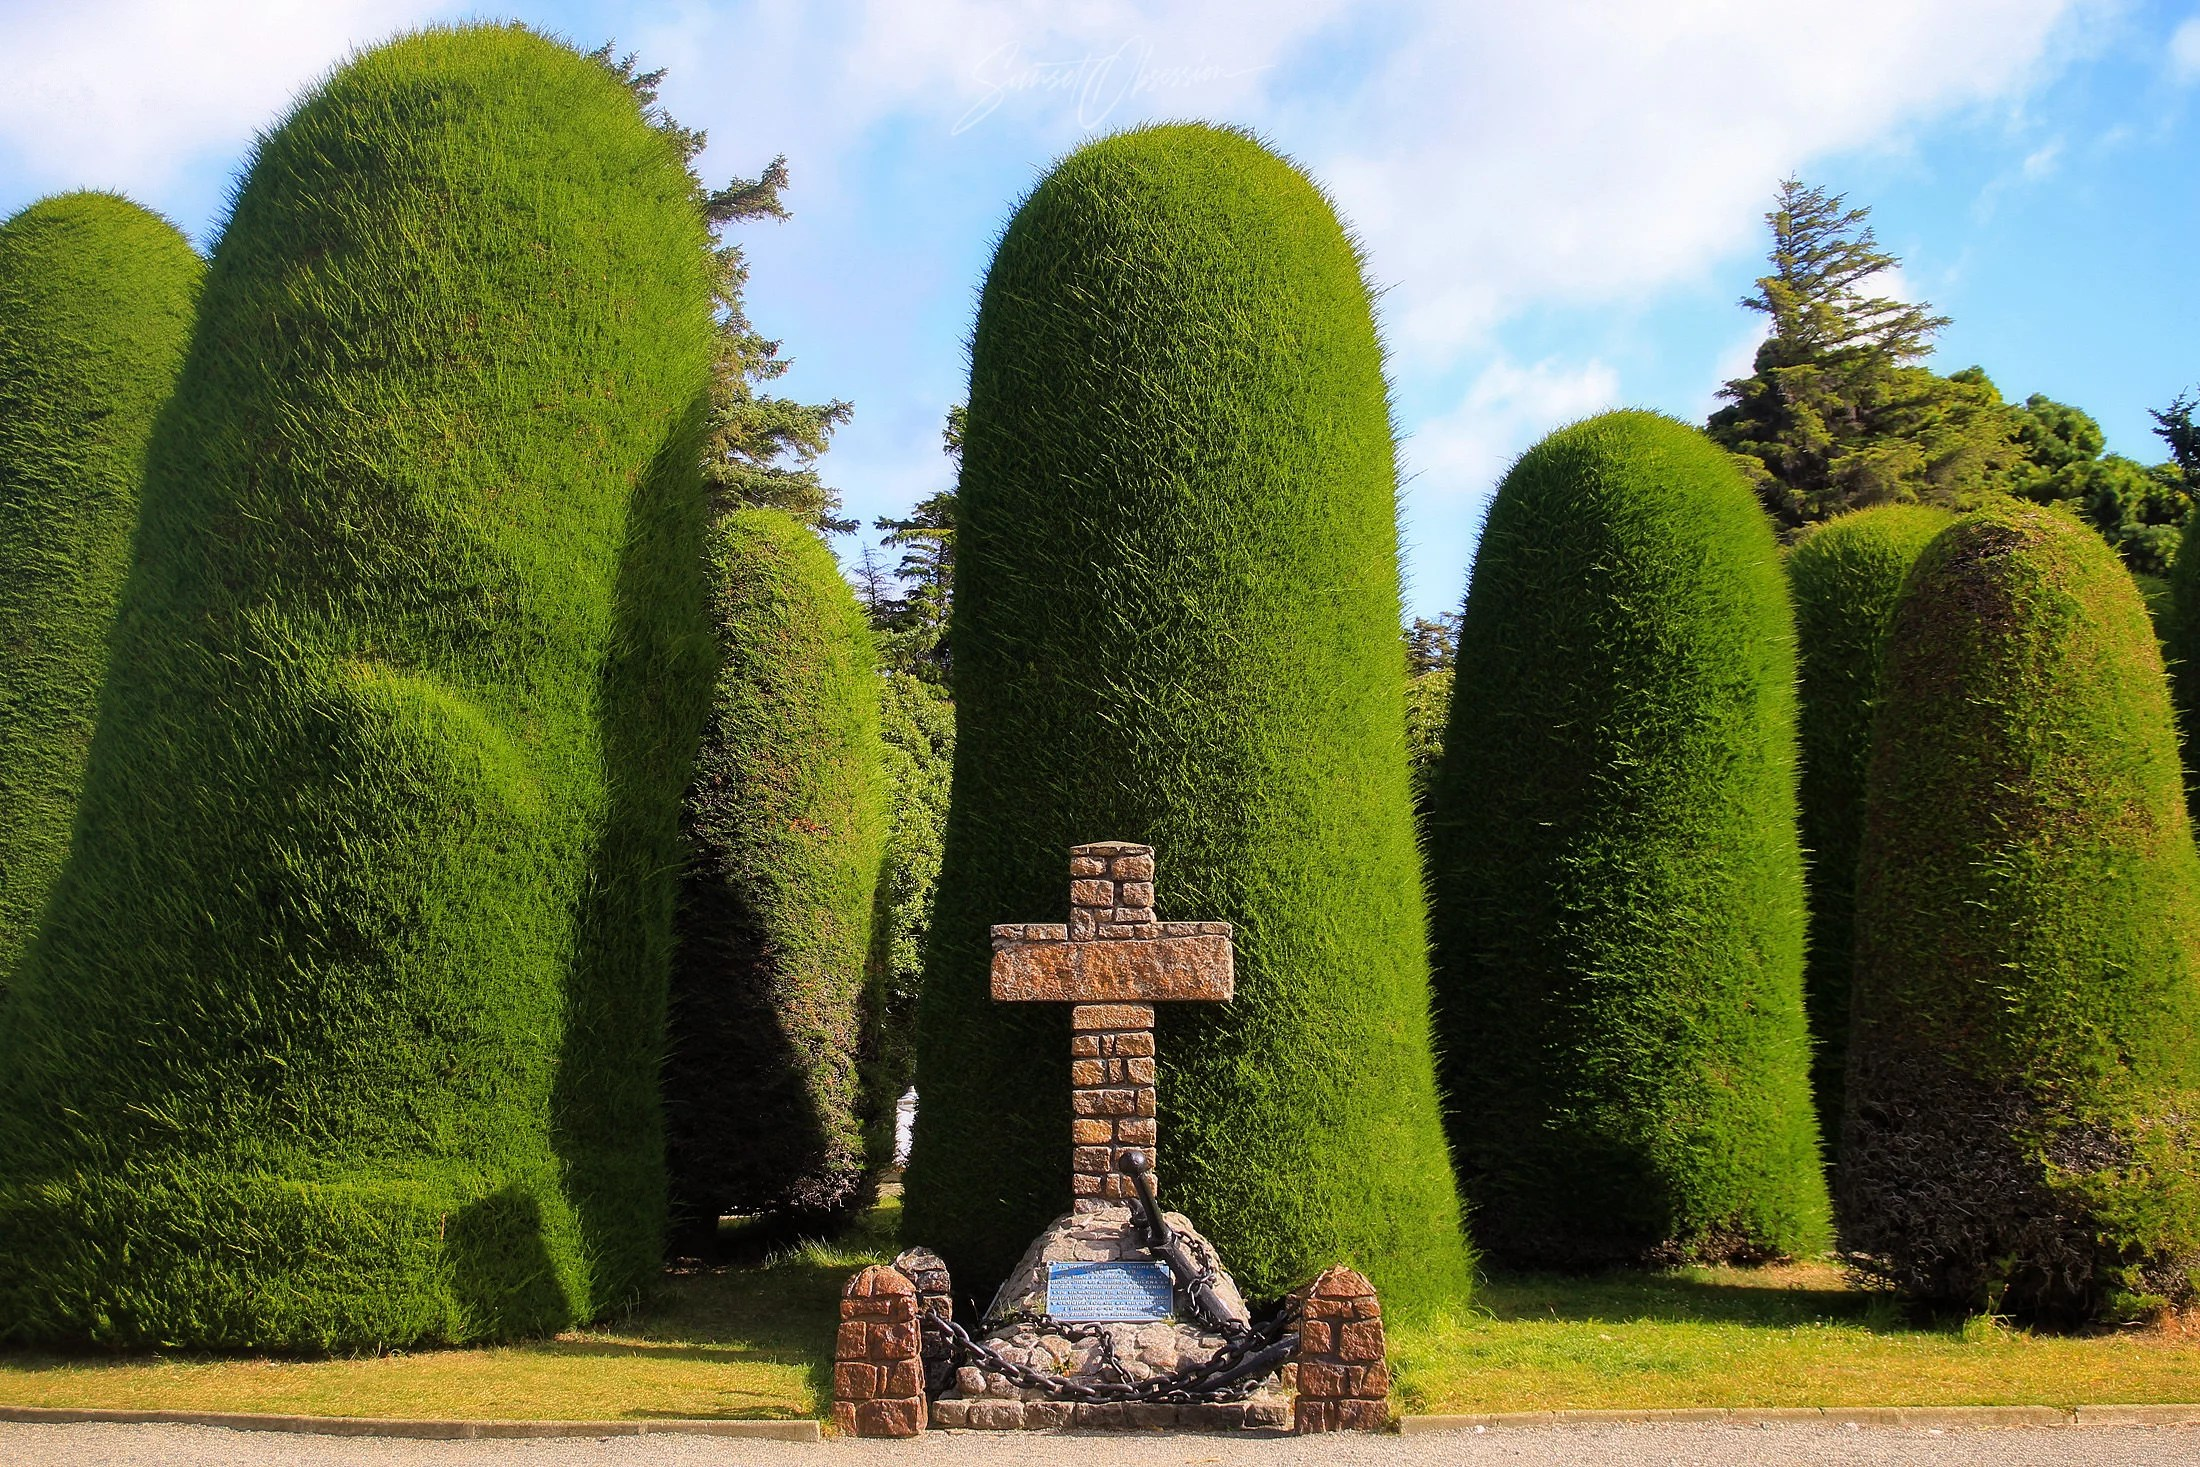 Sara Braun Cemetery is one Punta Arenas photo locations